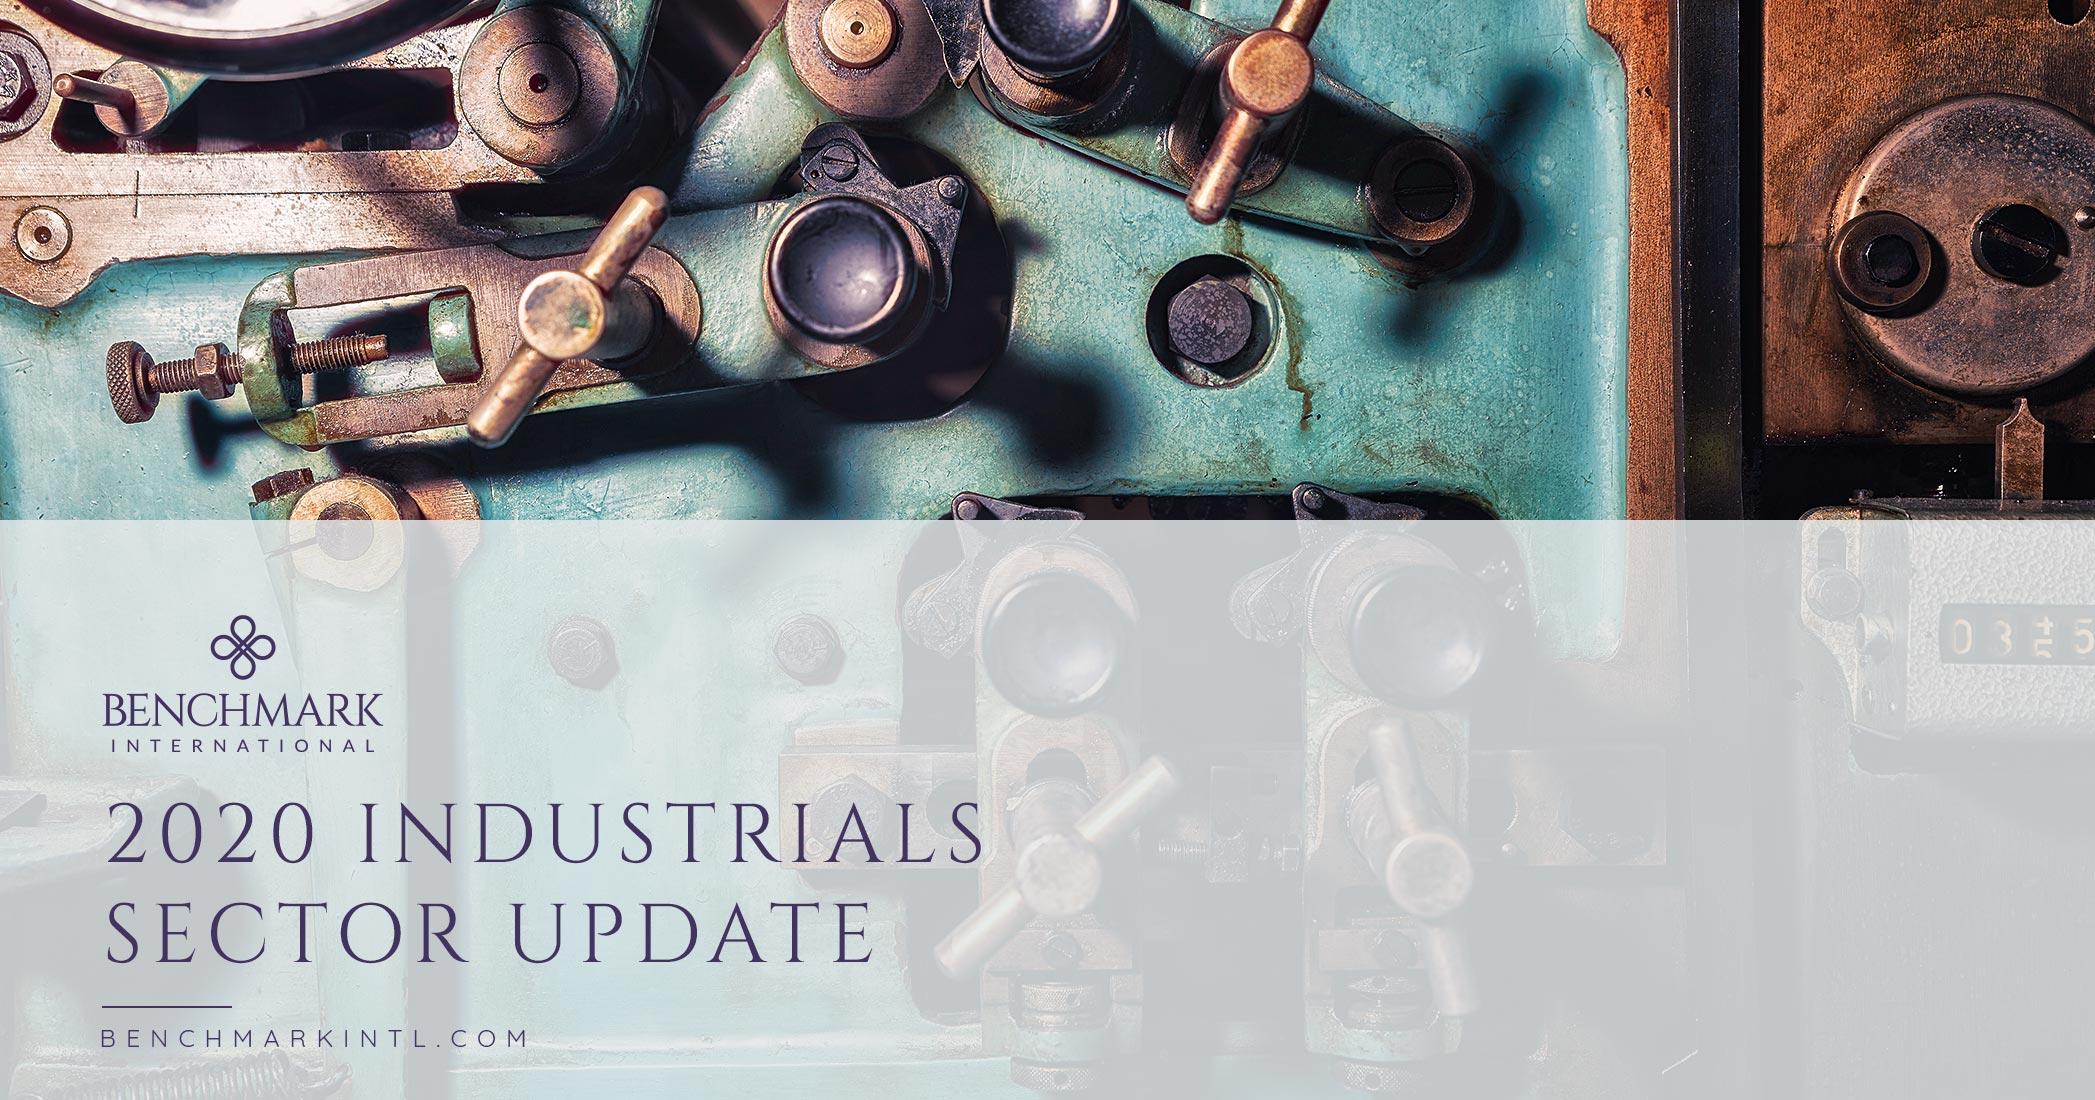 2020 Industrials Sector Update